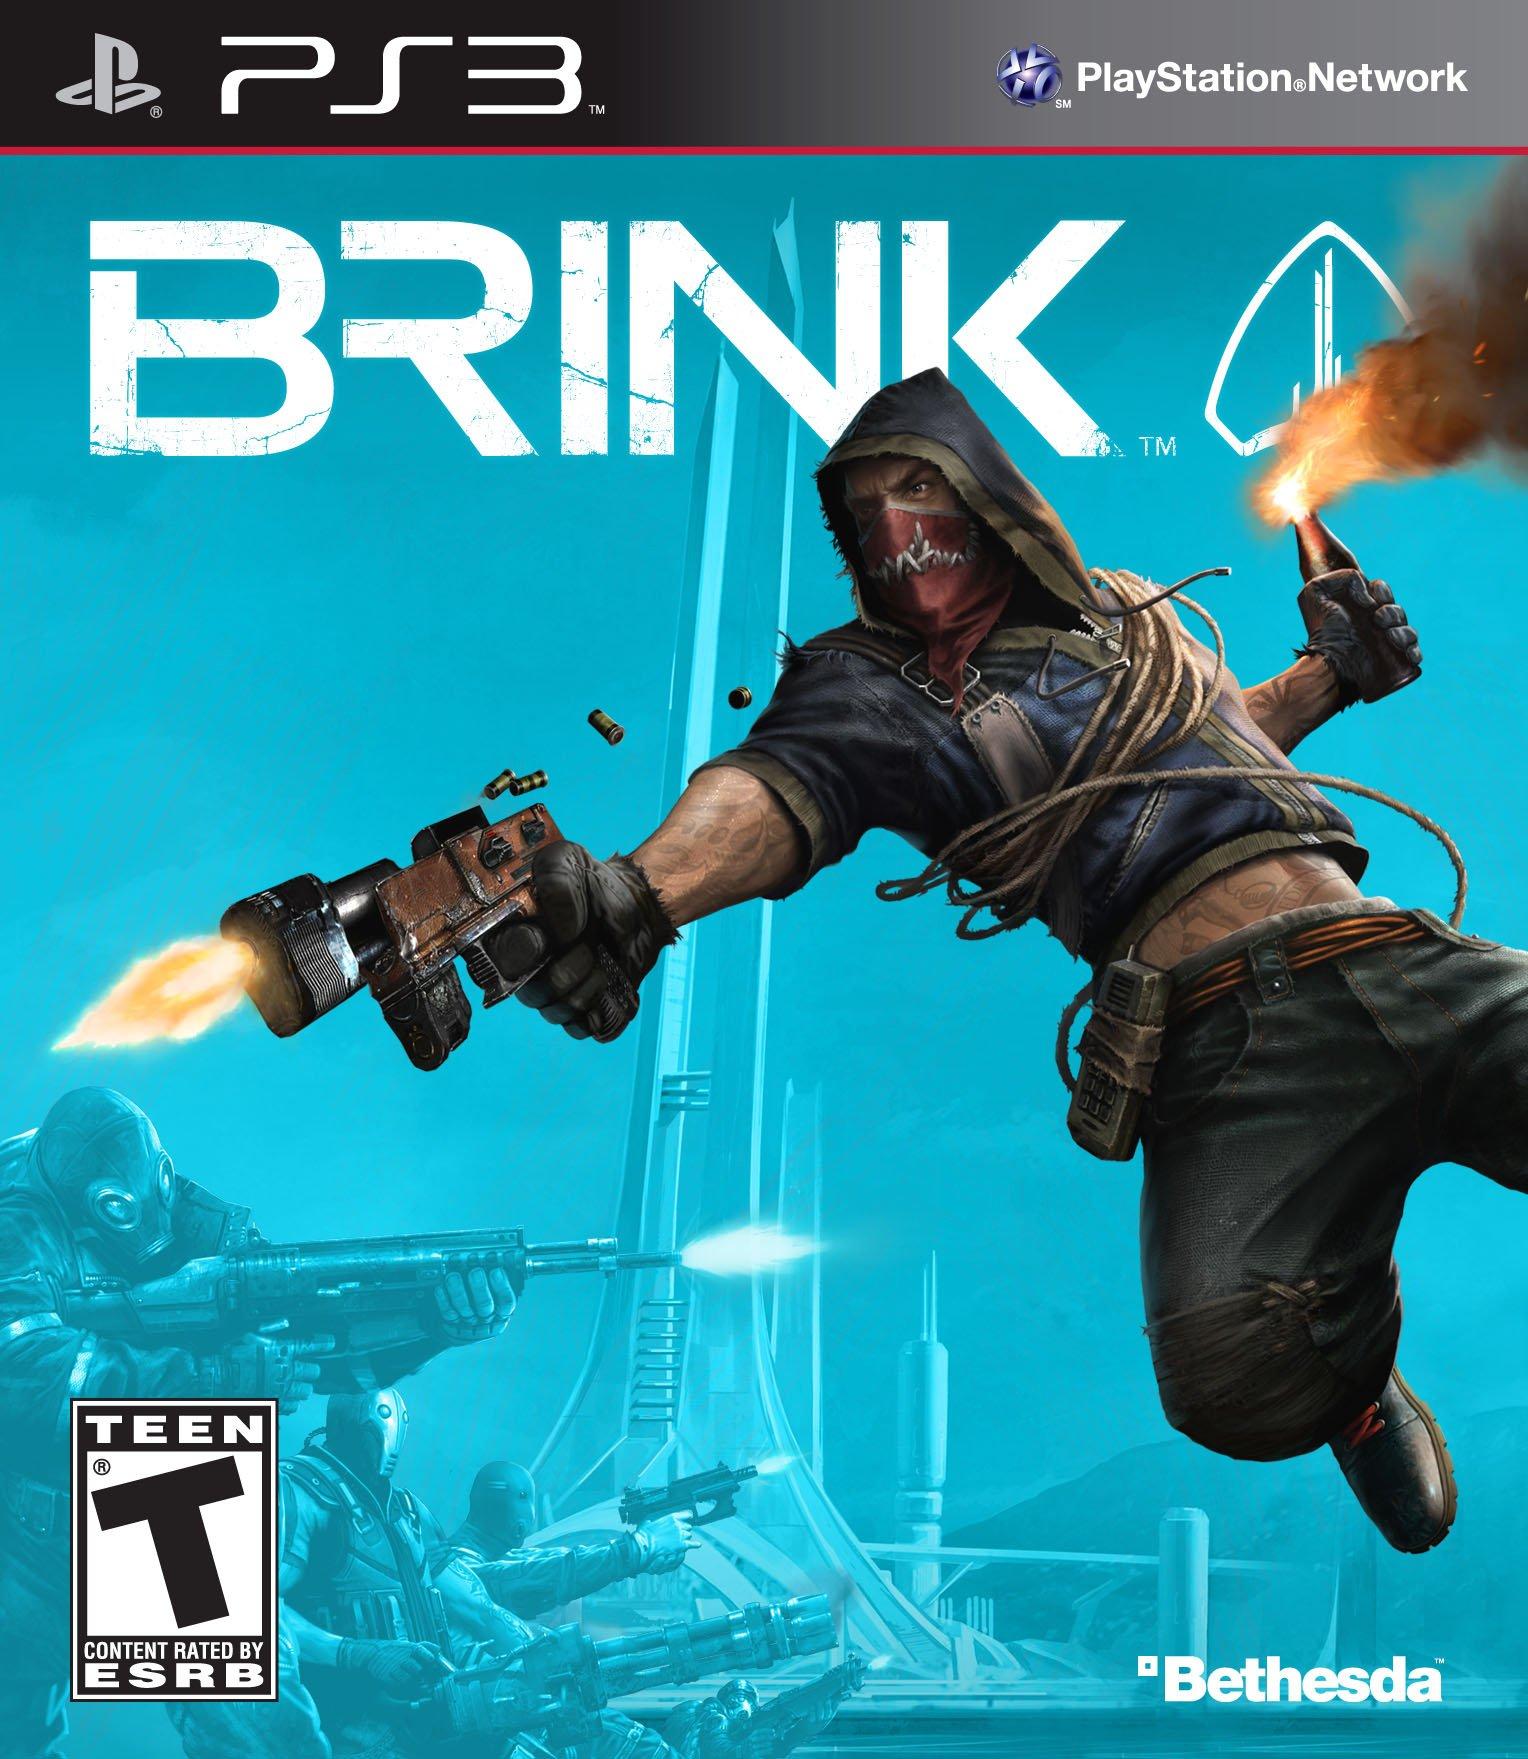 Bethesda Brink, PS3 - Juego (PS3): Ps3: Amazon.es: Videojuegos